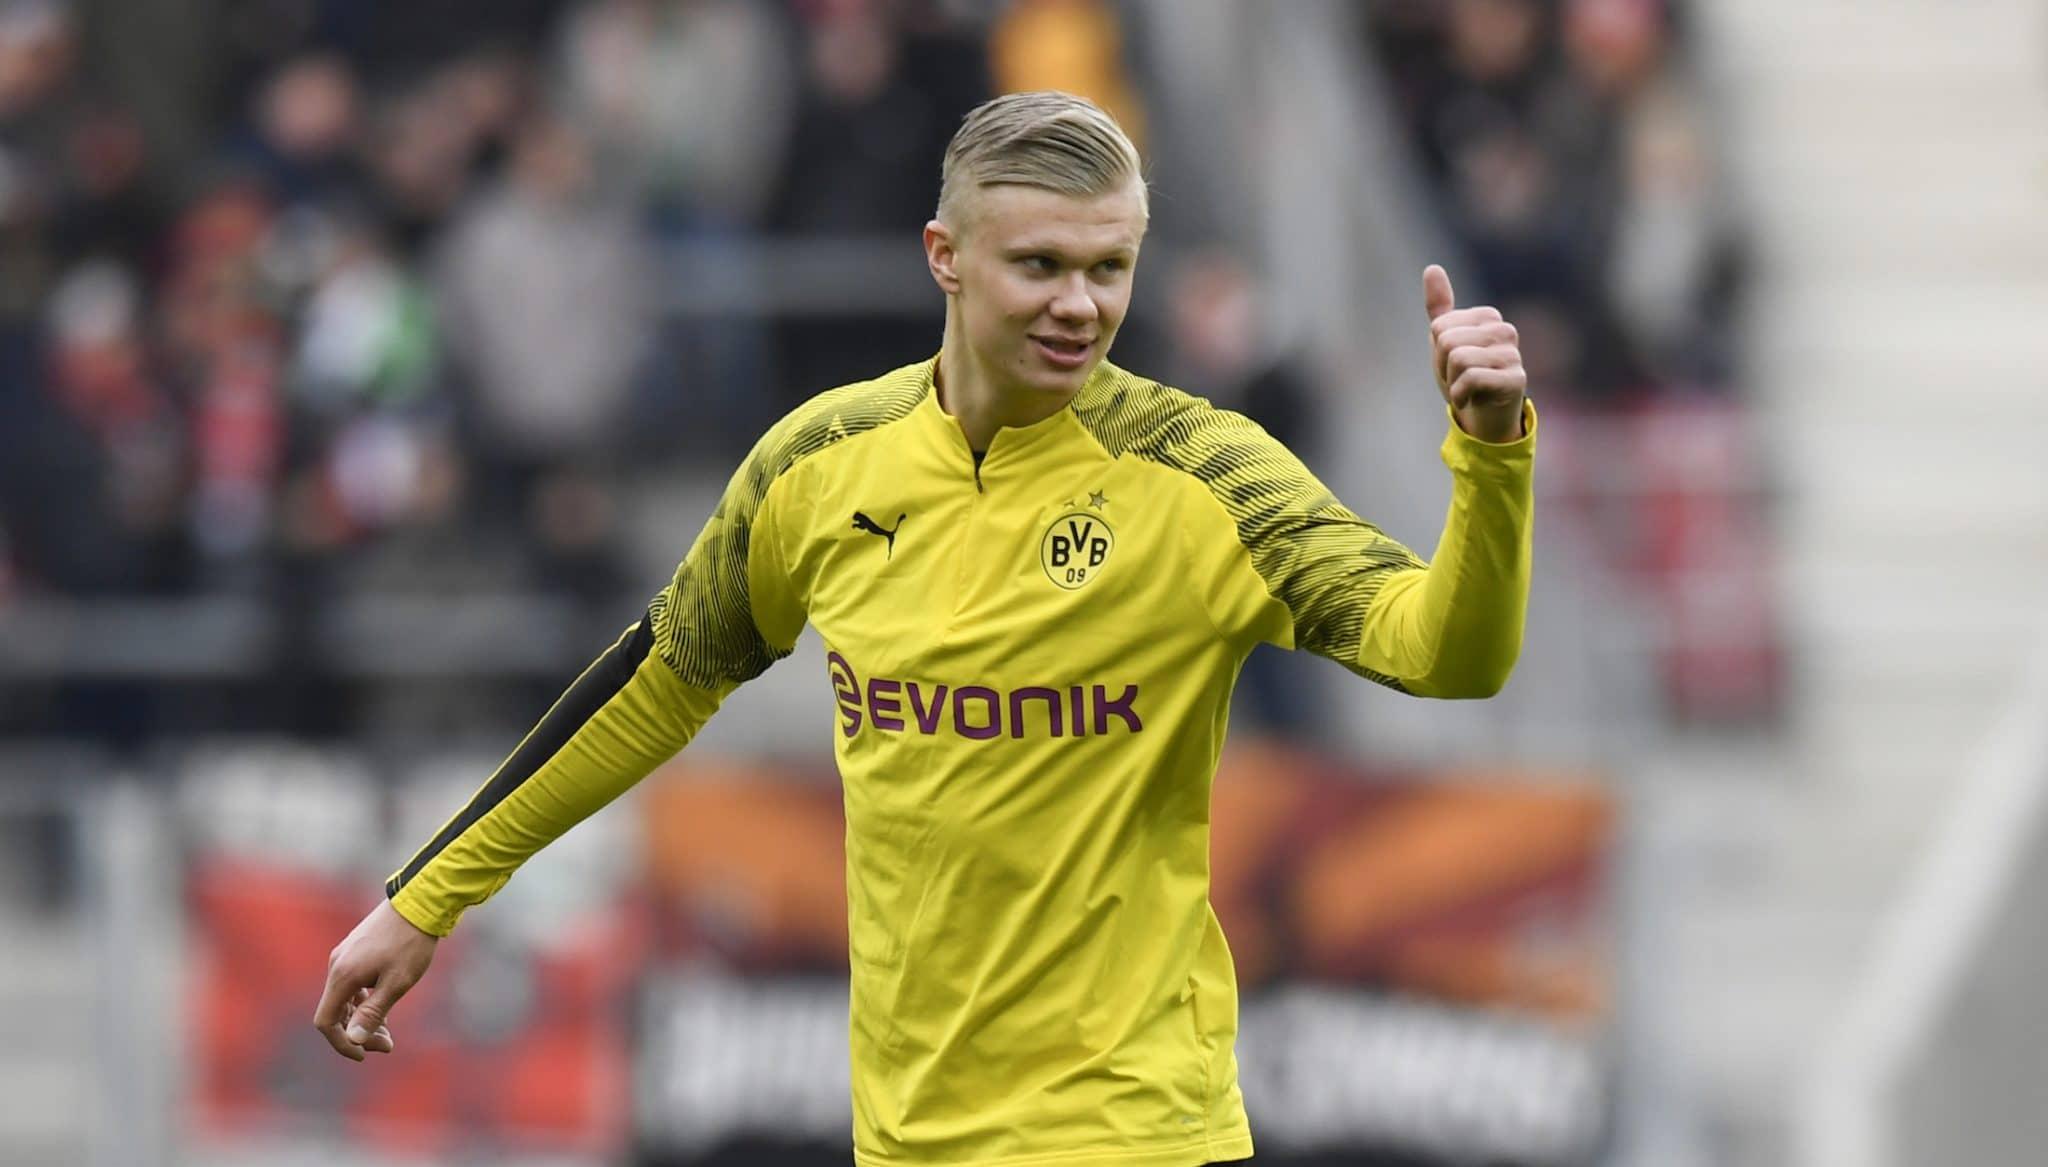 Sevilla vs Borussia Dortmund prediction: Betting odds & tips (17/02/2021)